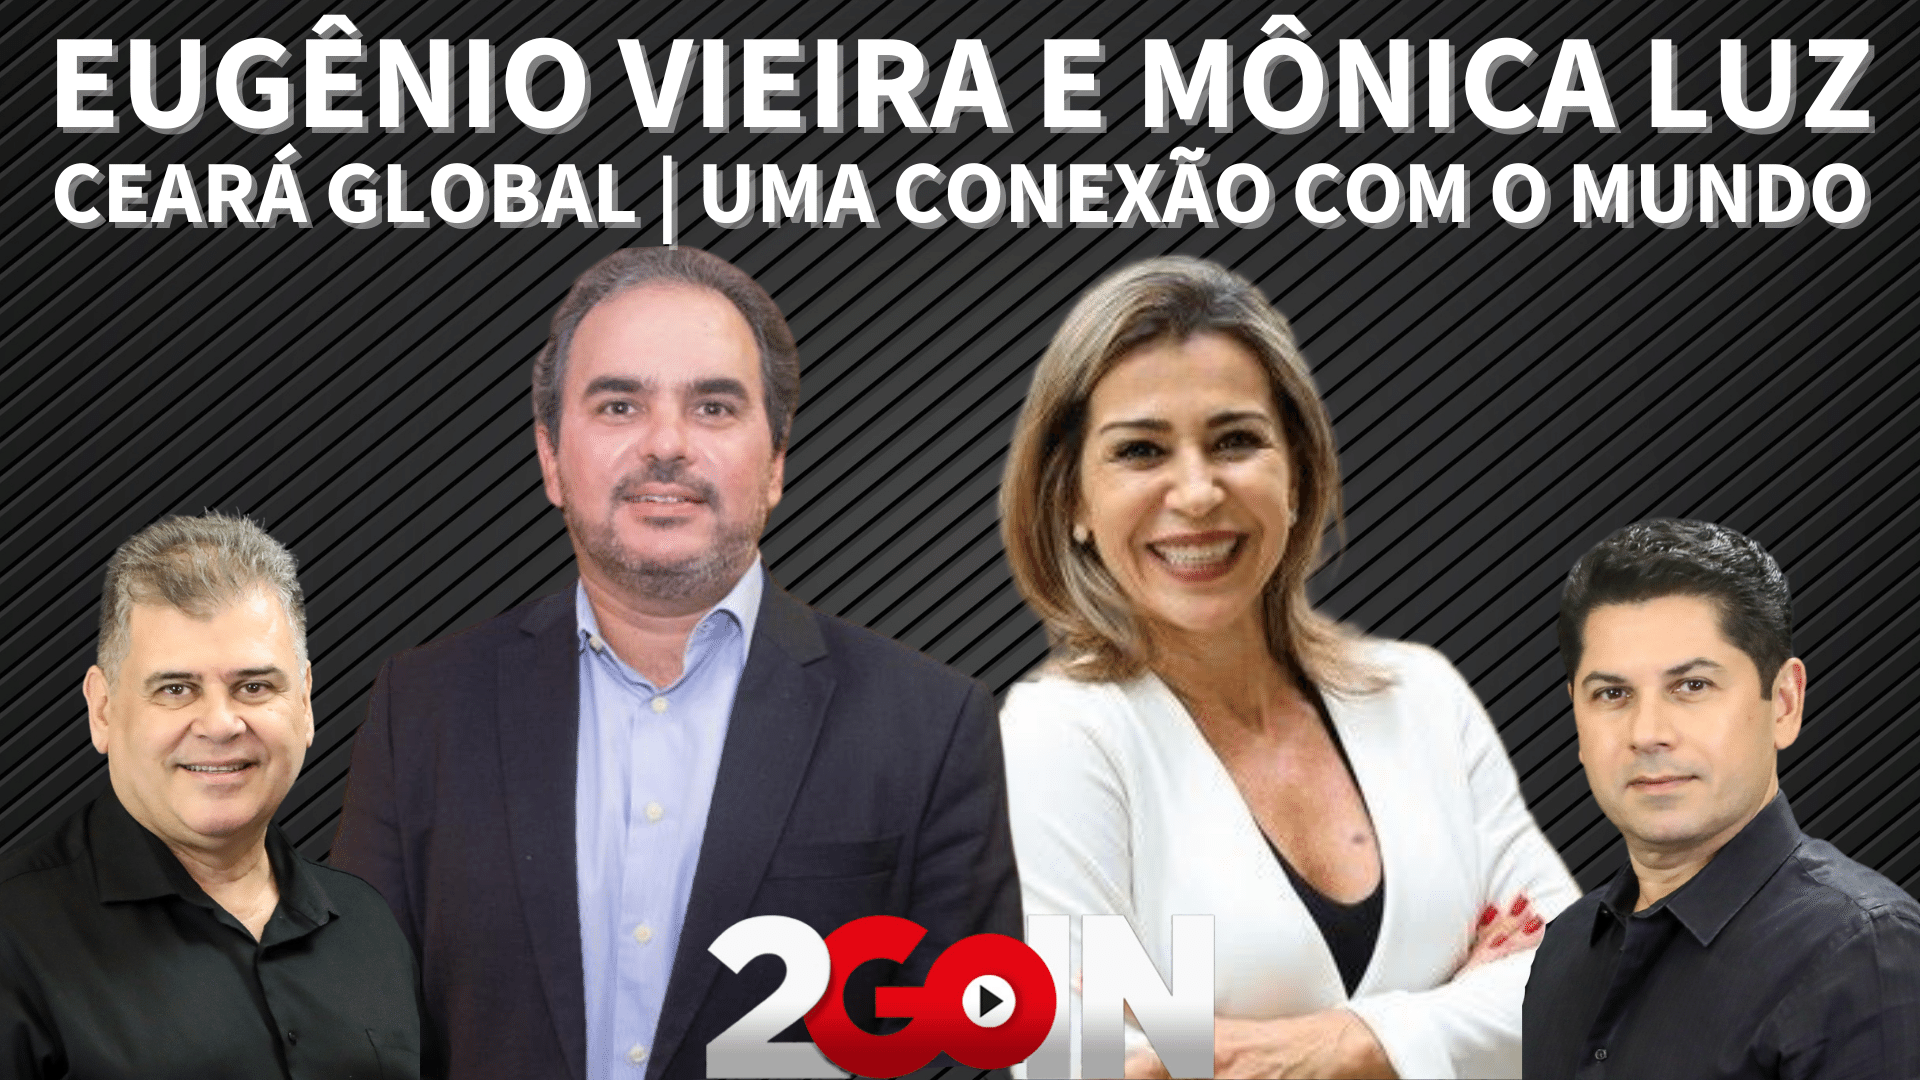 Ceará Global e oportunidades de negócios